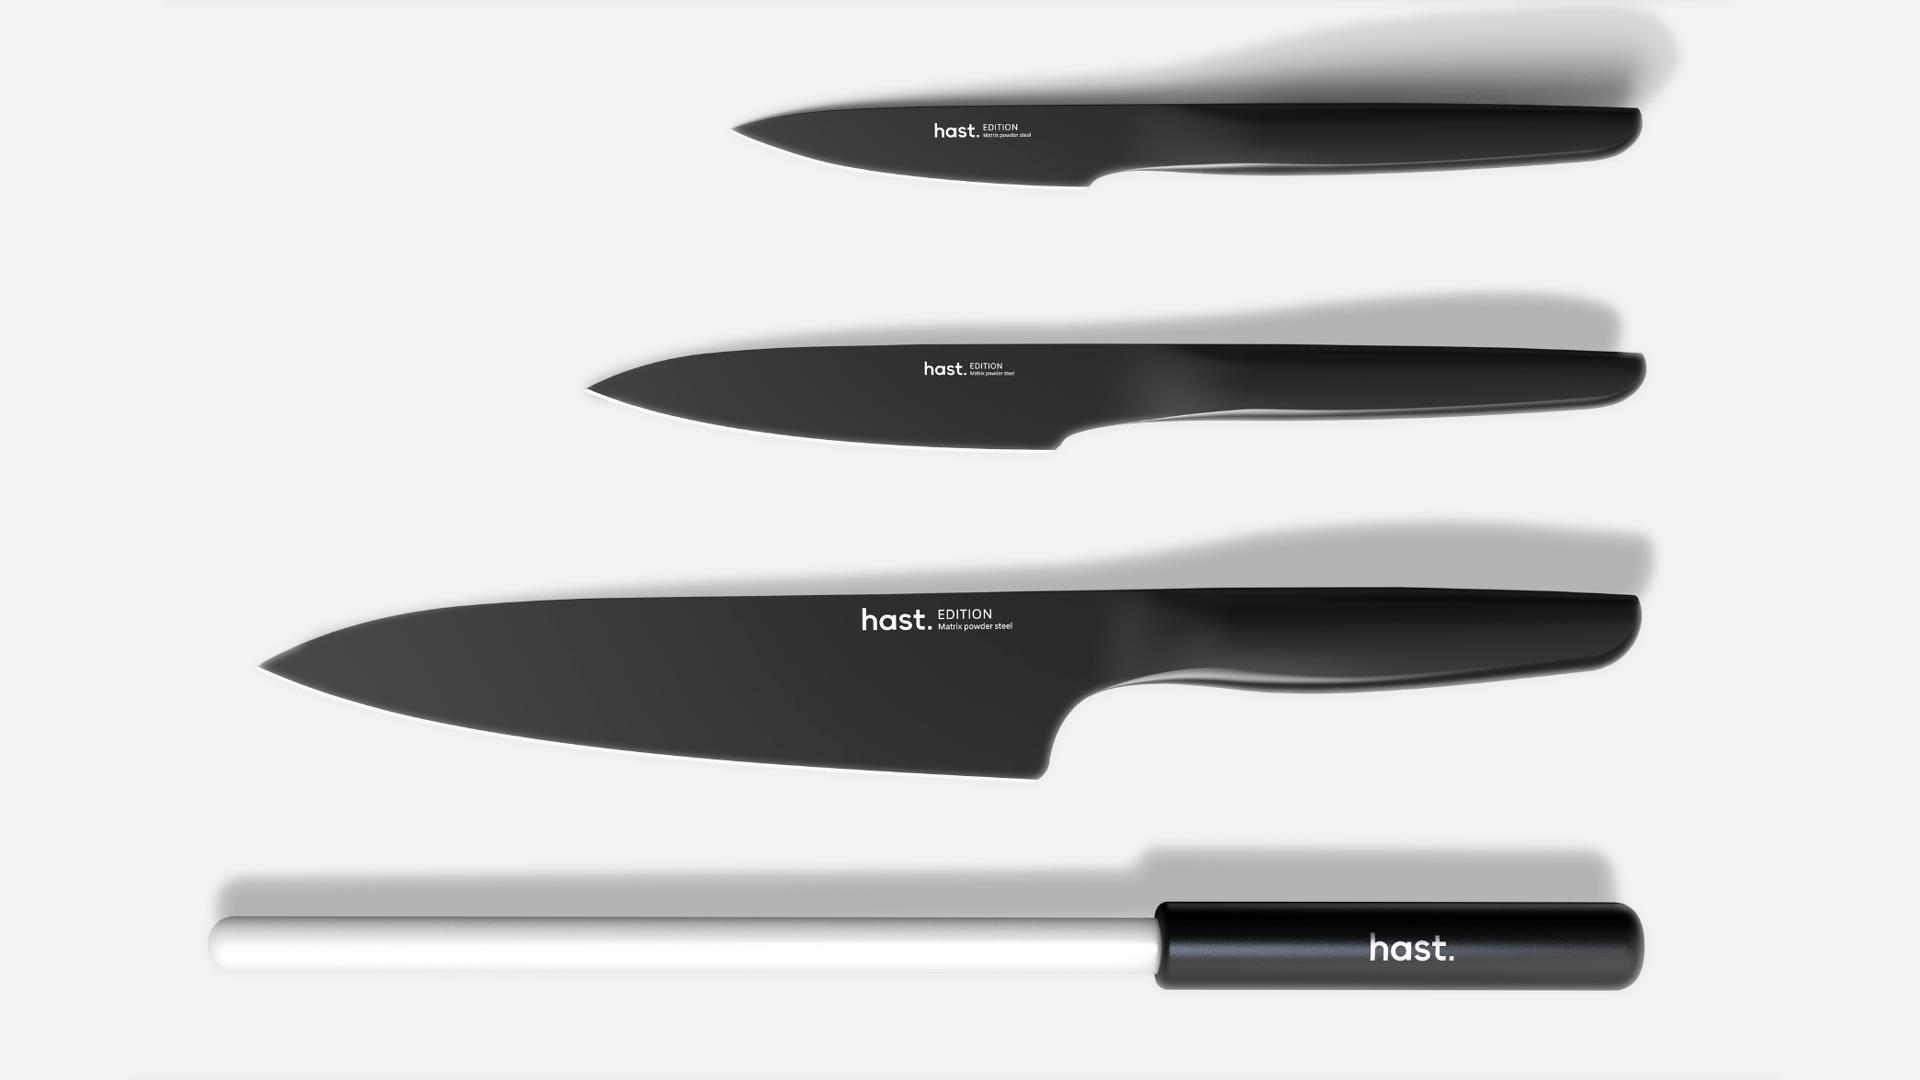 Hast 4-piece Kitchen Knife Set